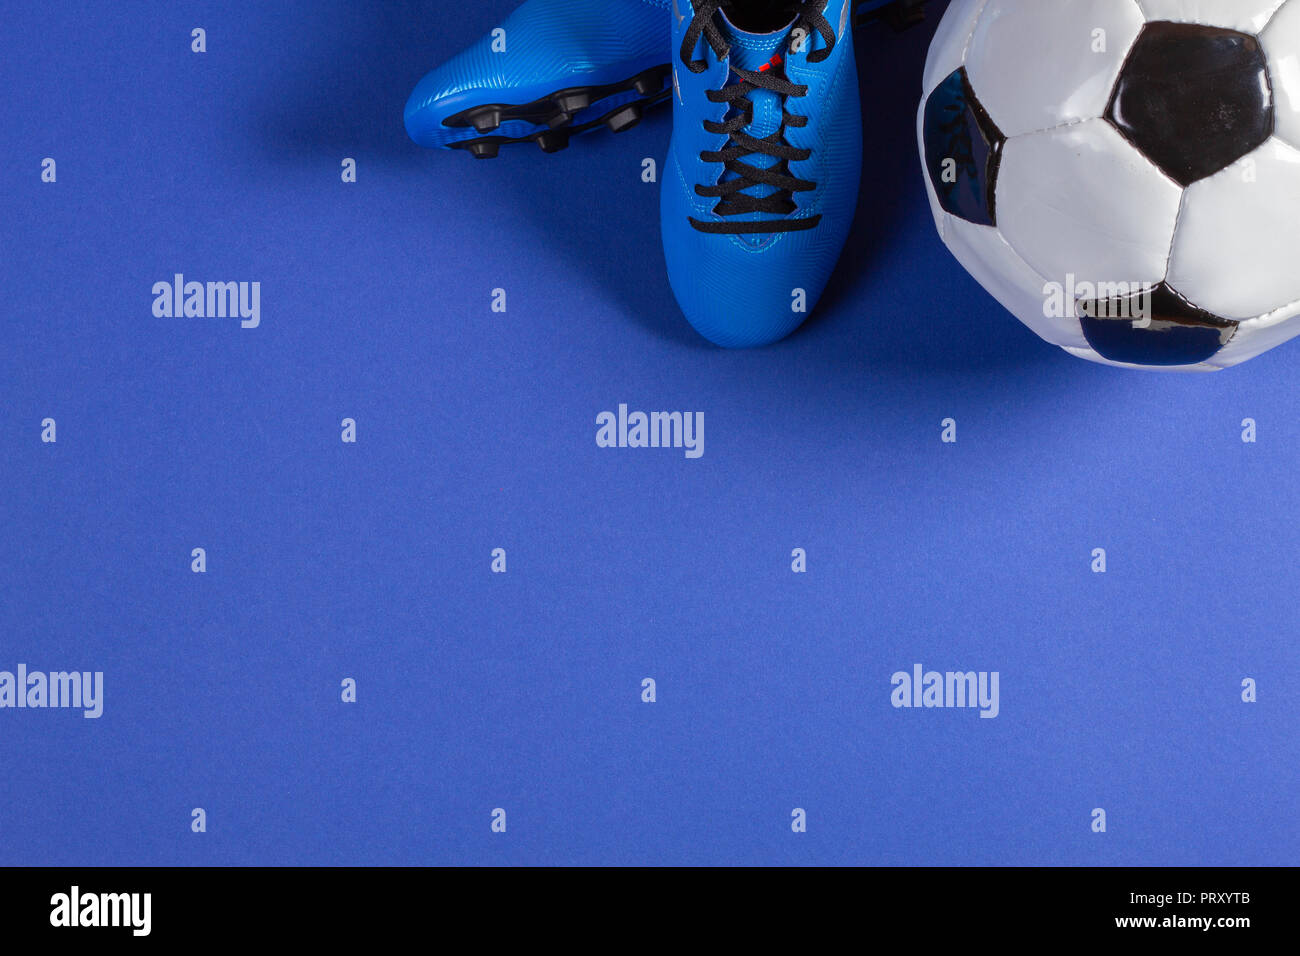 Vista Superiore Del Pallone Da Calcio E Coppia Di Calcio Calzature